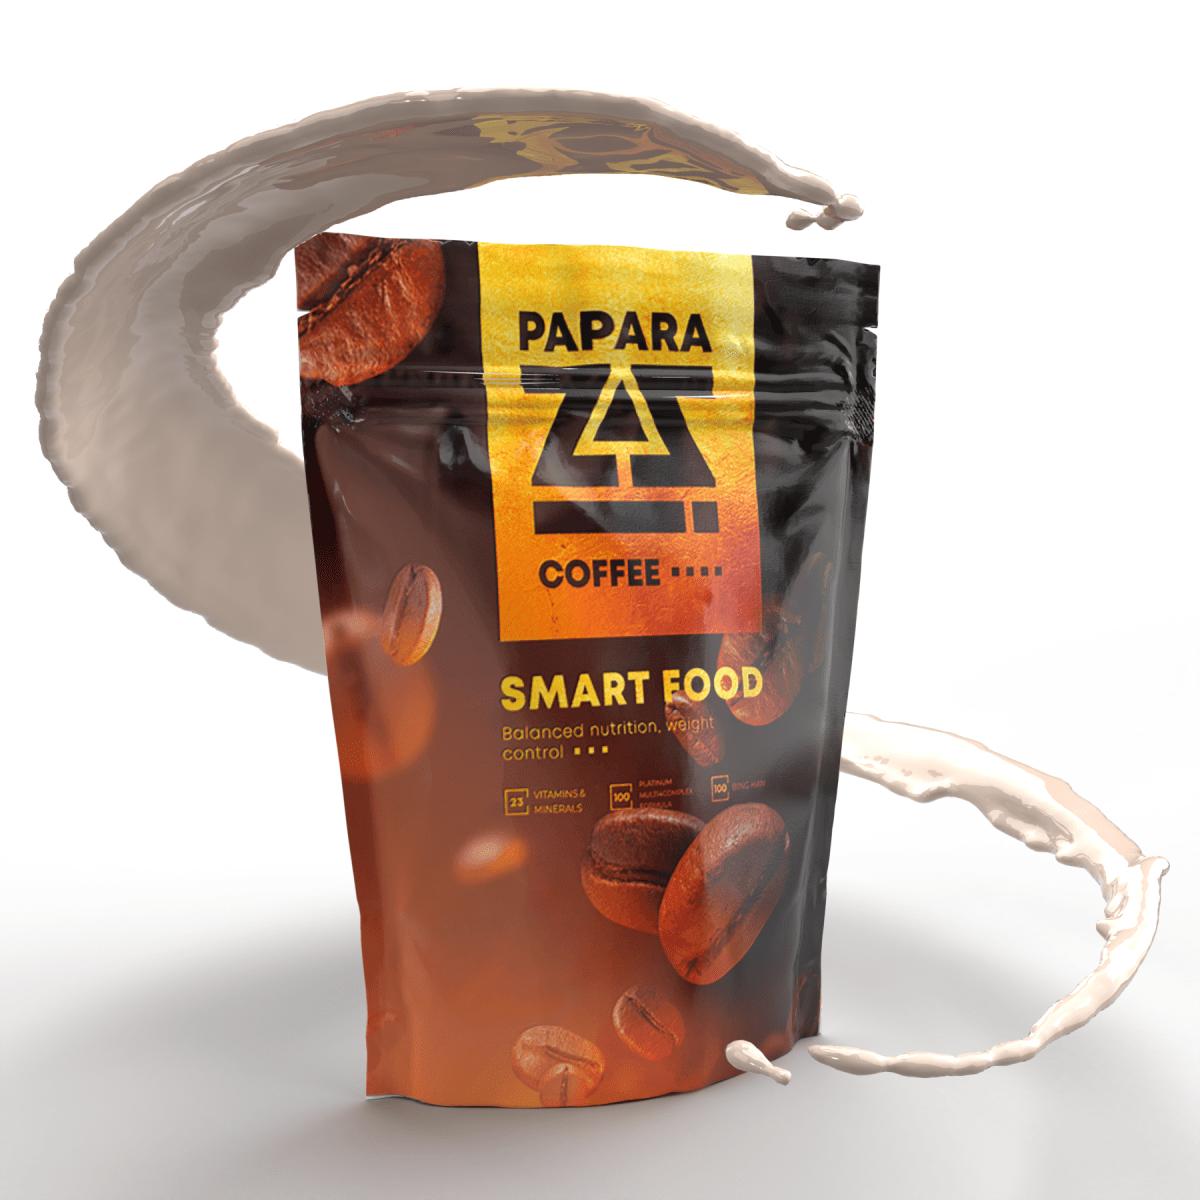 Paparazzi šejk – ukus kafe